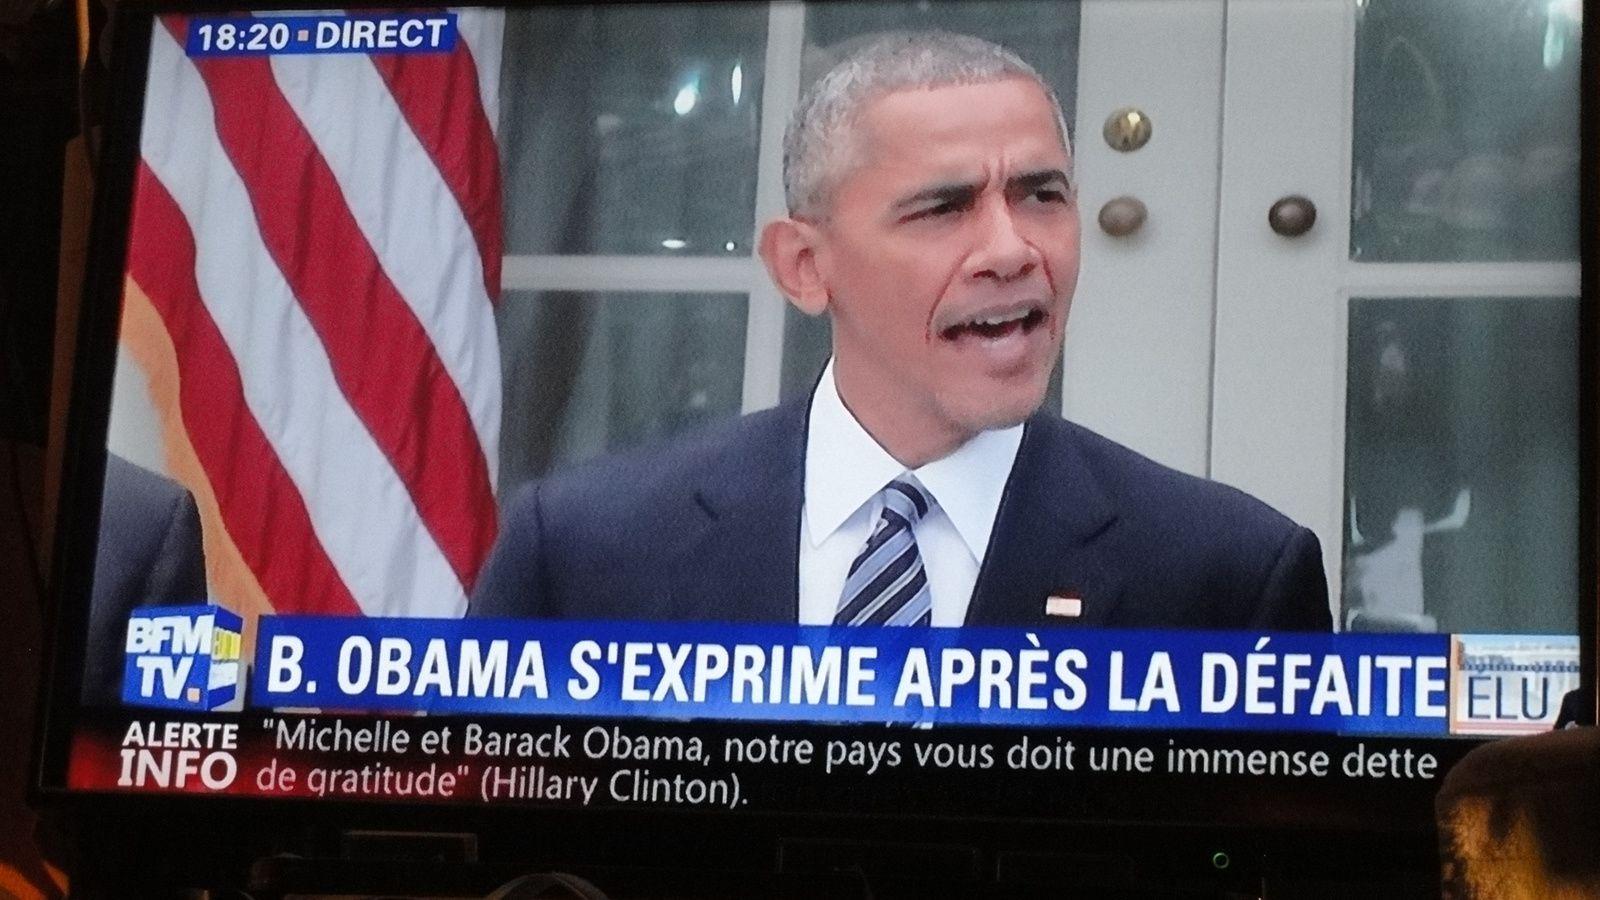 Monsieur Barack OBAMA s'exprime à on tour à 18 h 15 devant le perron de la Maison Blanche